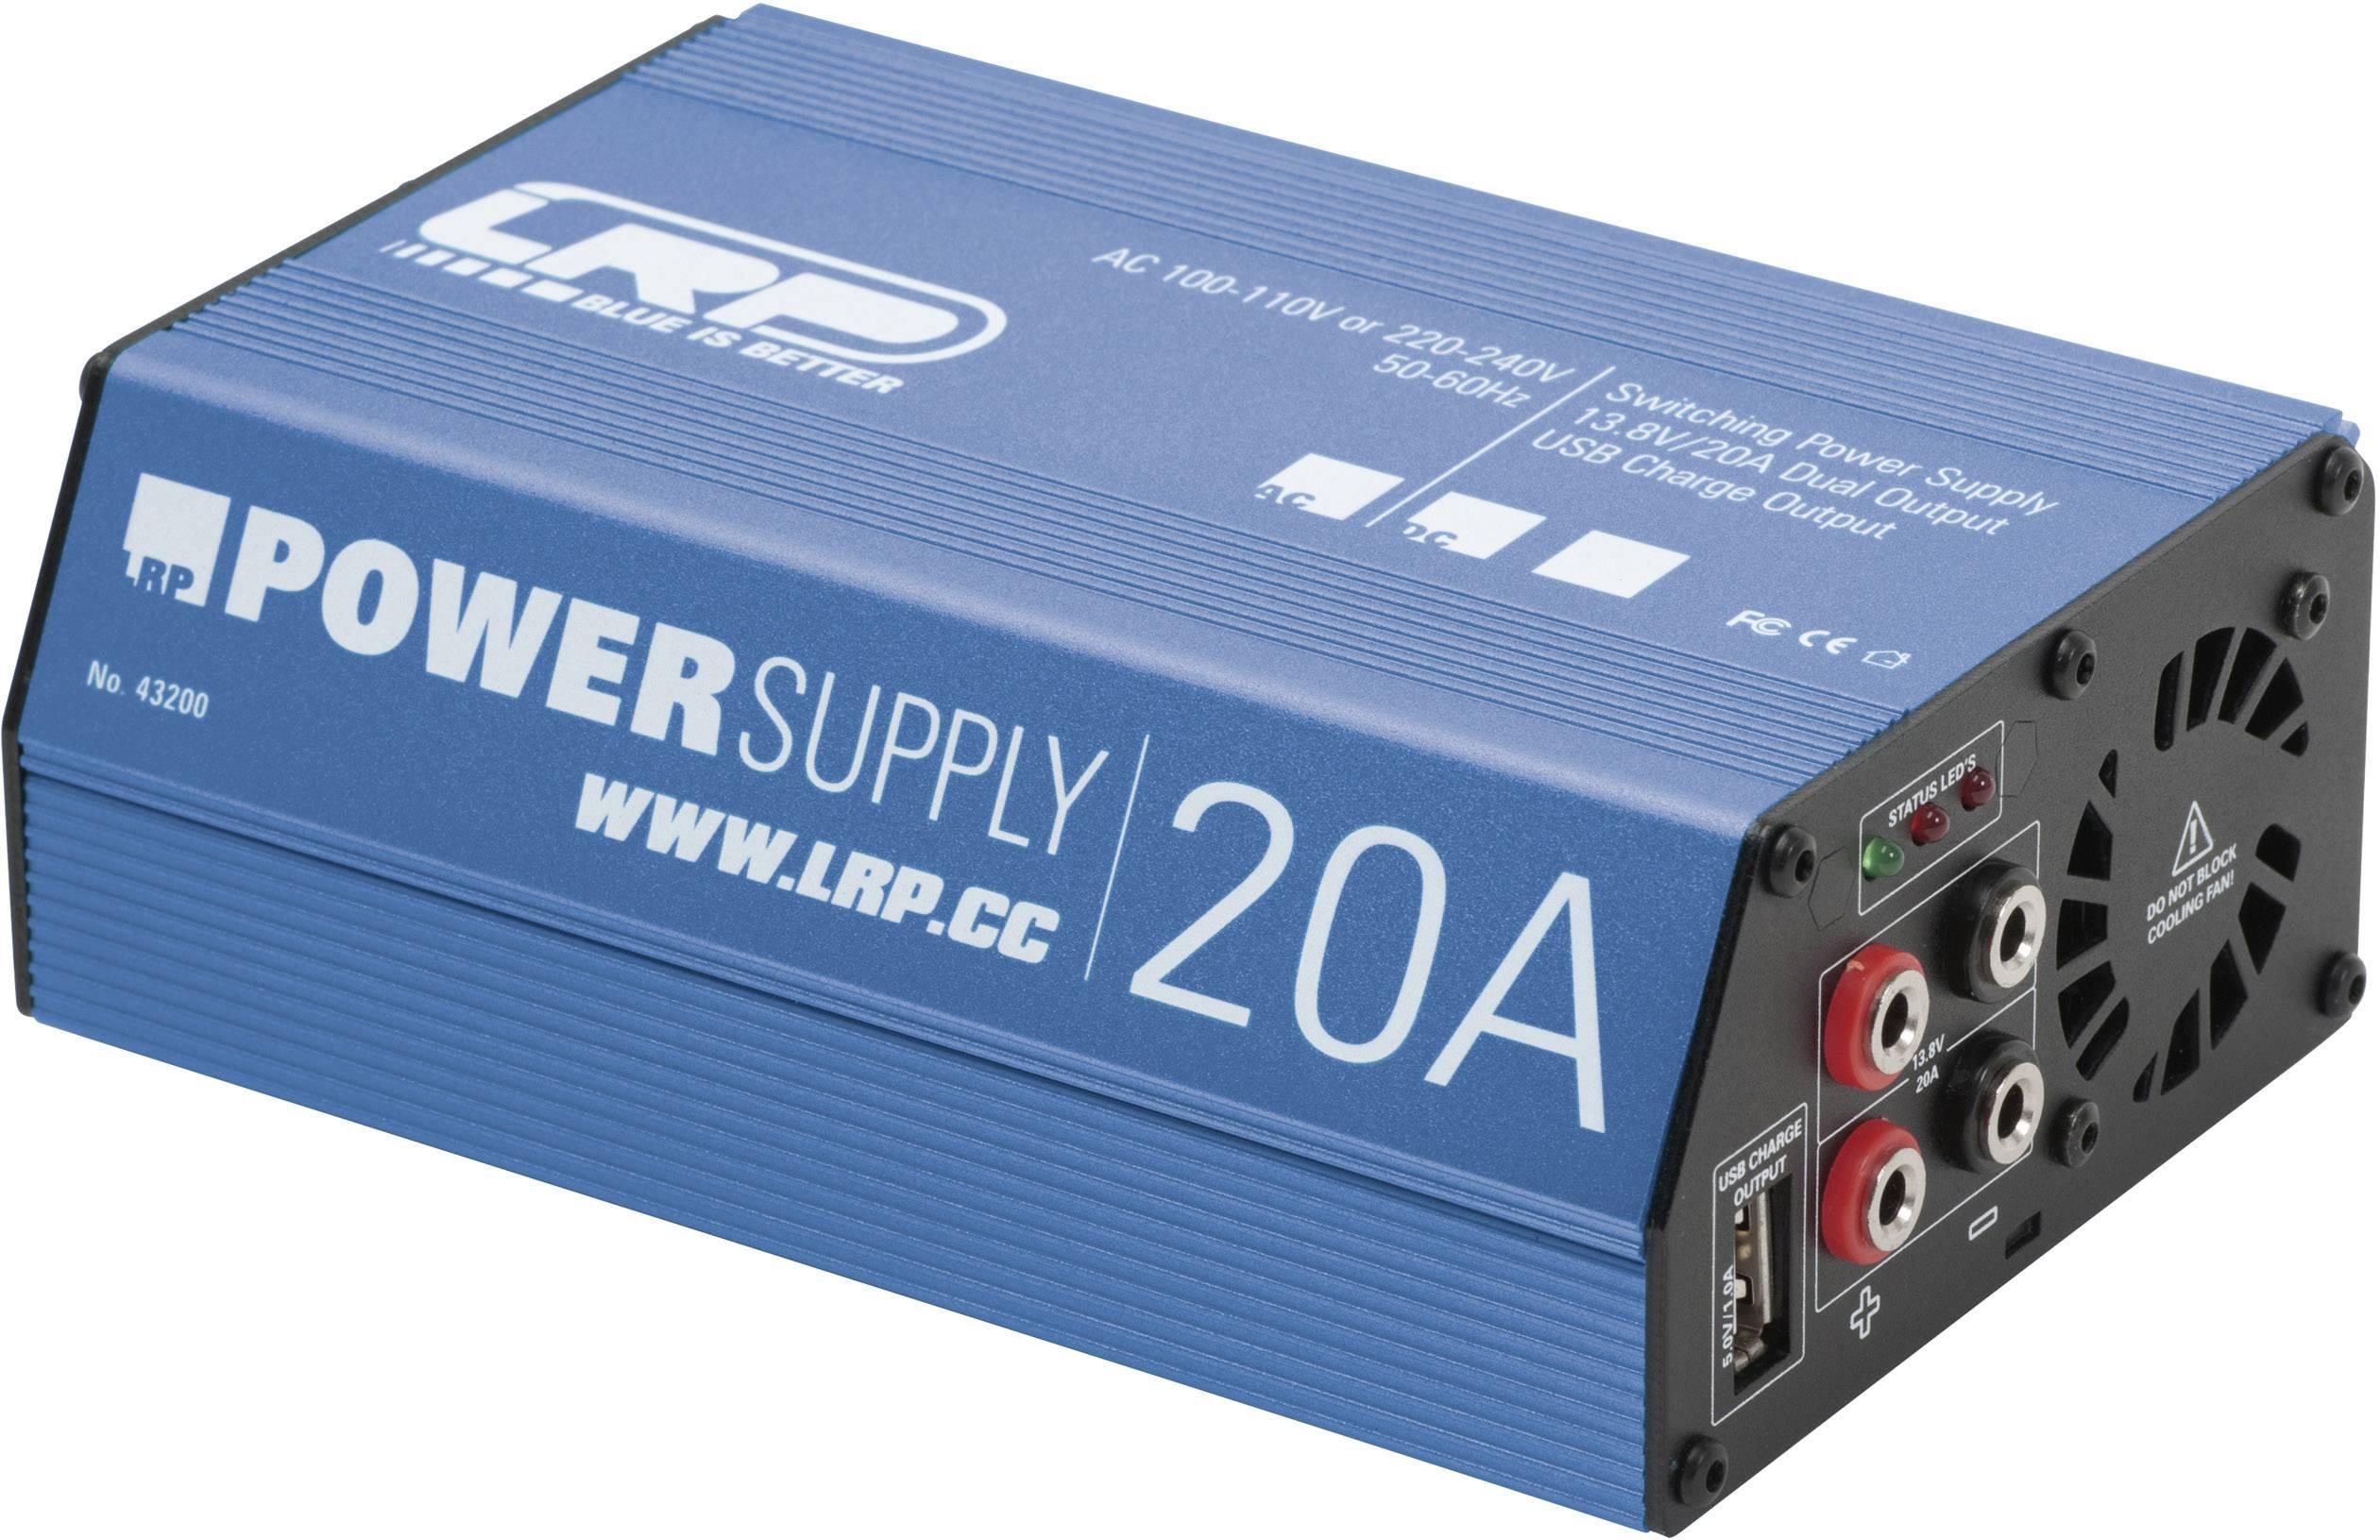 Síťový zdroj pro modeláře LRP Electronic Competition 43200, 110 V/AC, 230 V/AC, 20 A